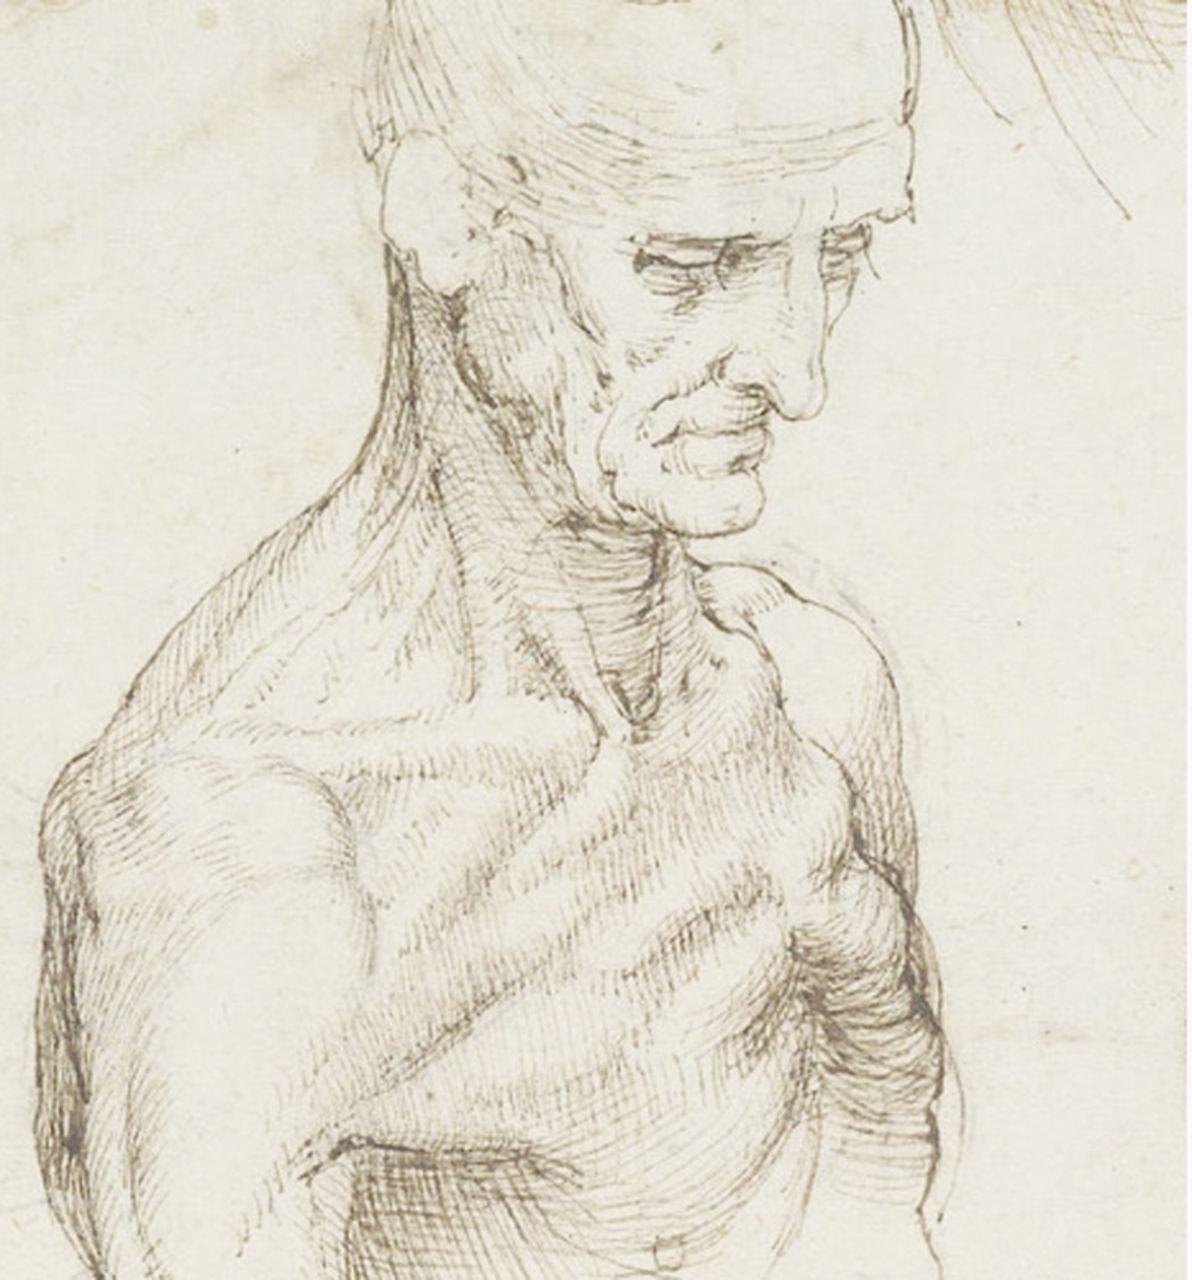 Leonardo divinci drawing of a man with pectus excavatum